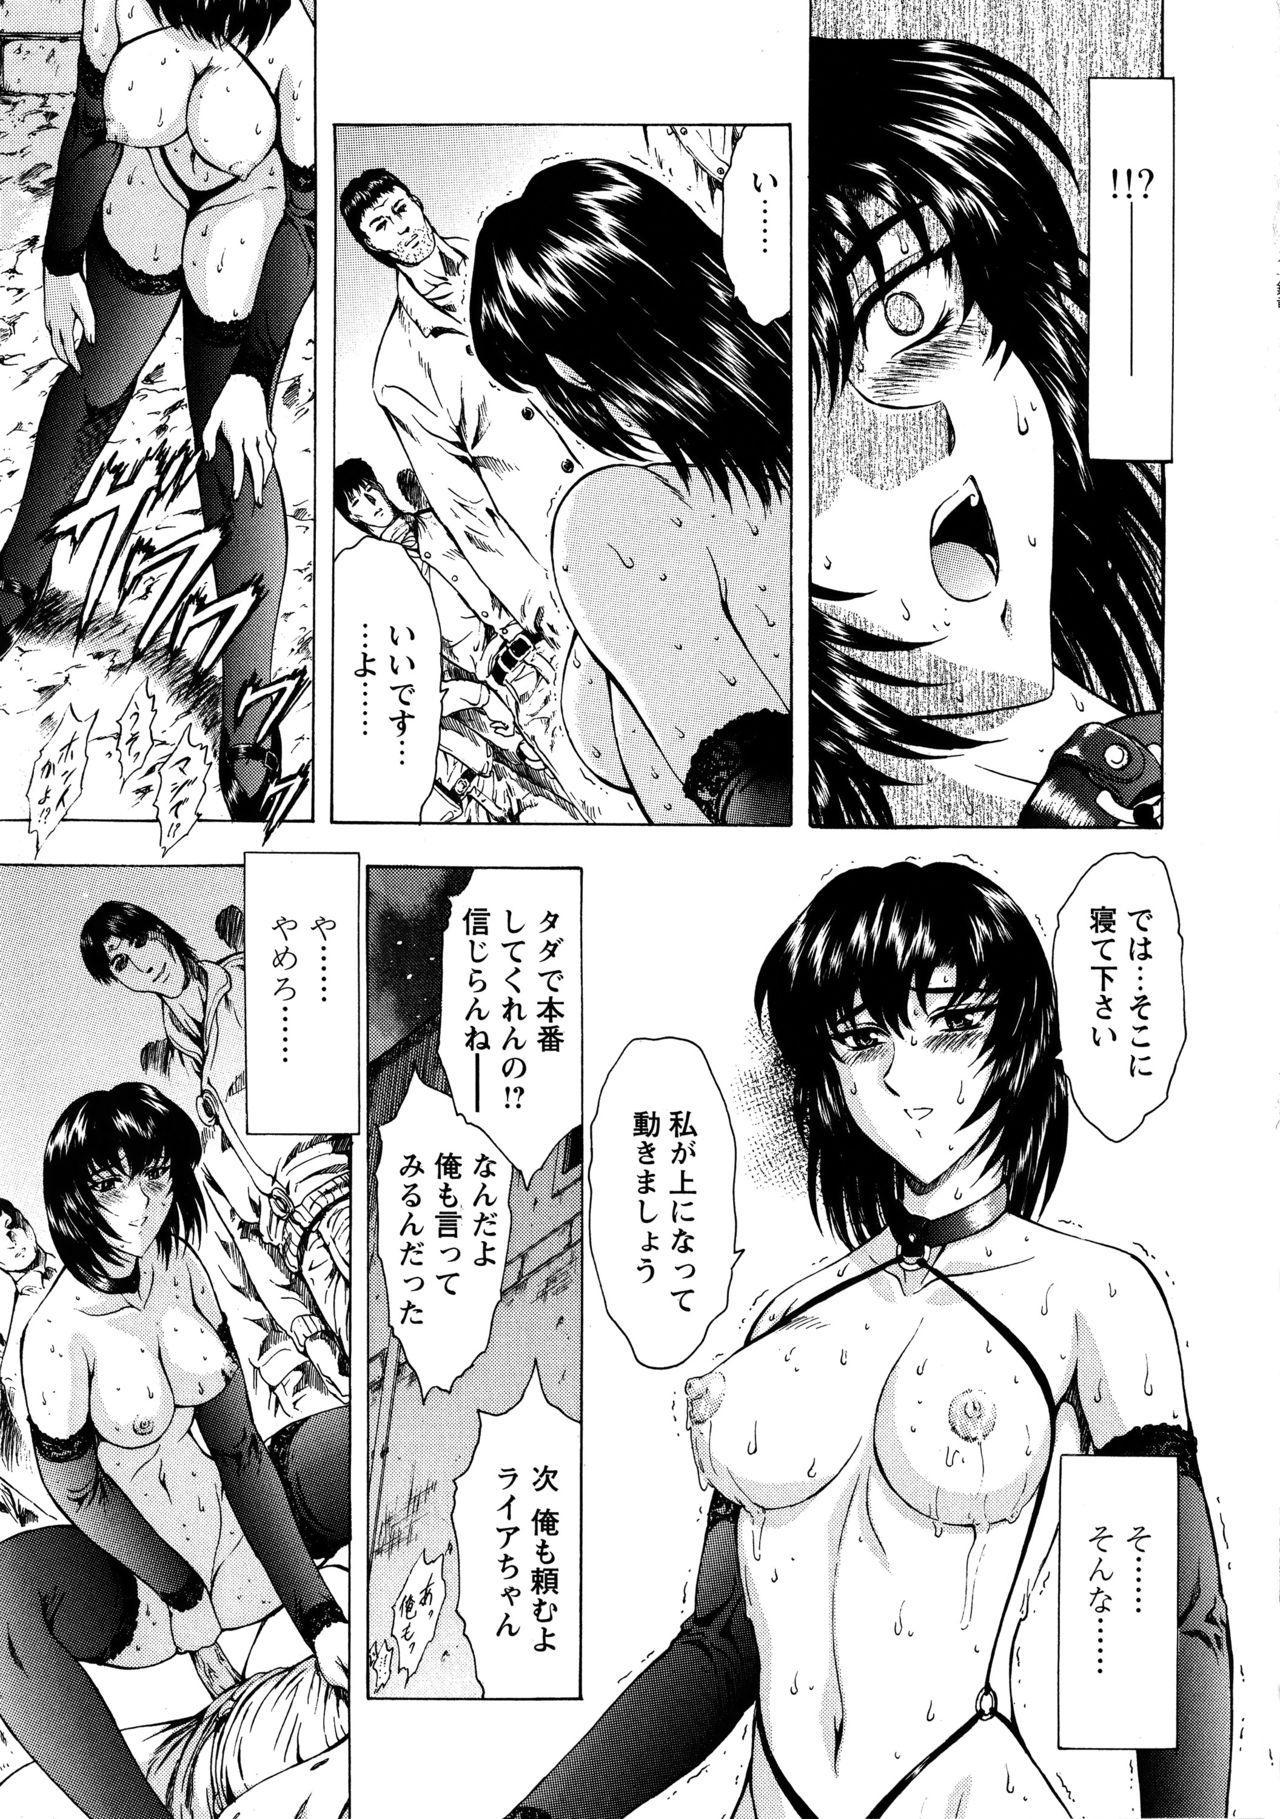 Ginryuu no Reimei Vol. 1 74